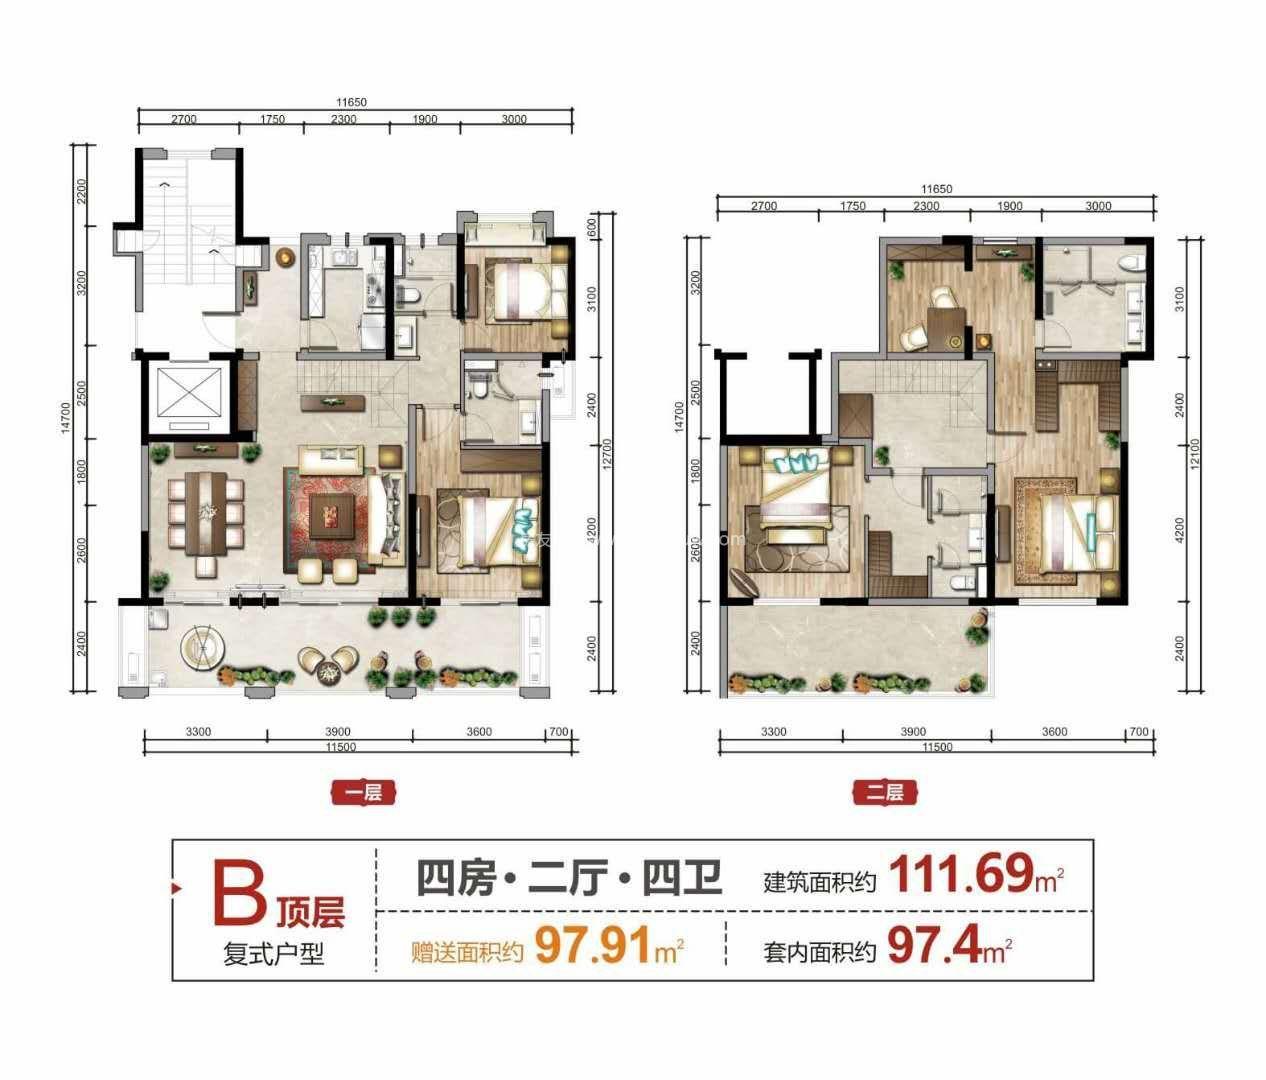 开维生态城 B顶层复式户型 4室2厅4卫1厨 建面111.69㎡